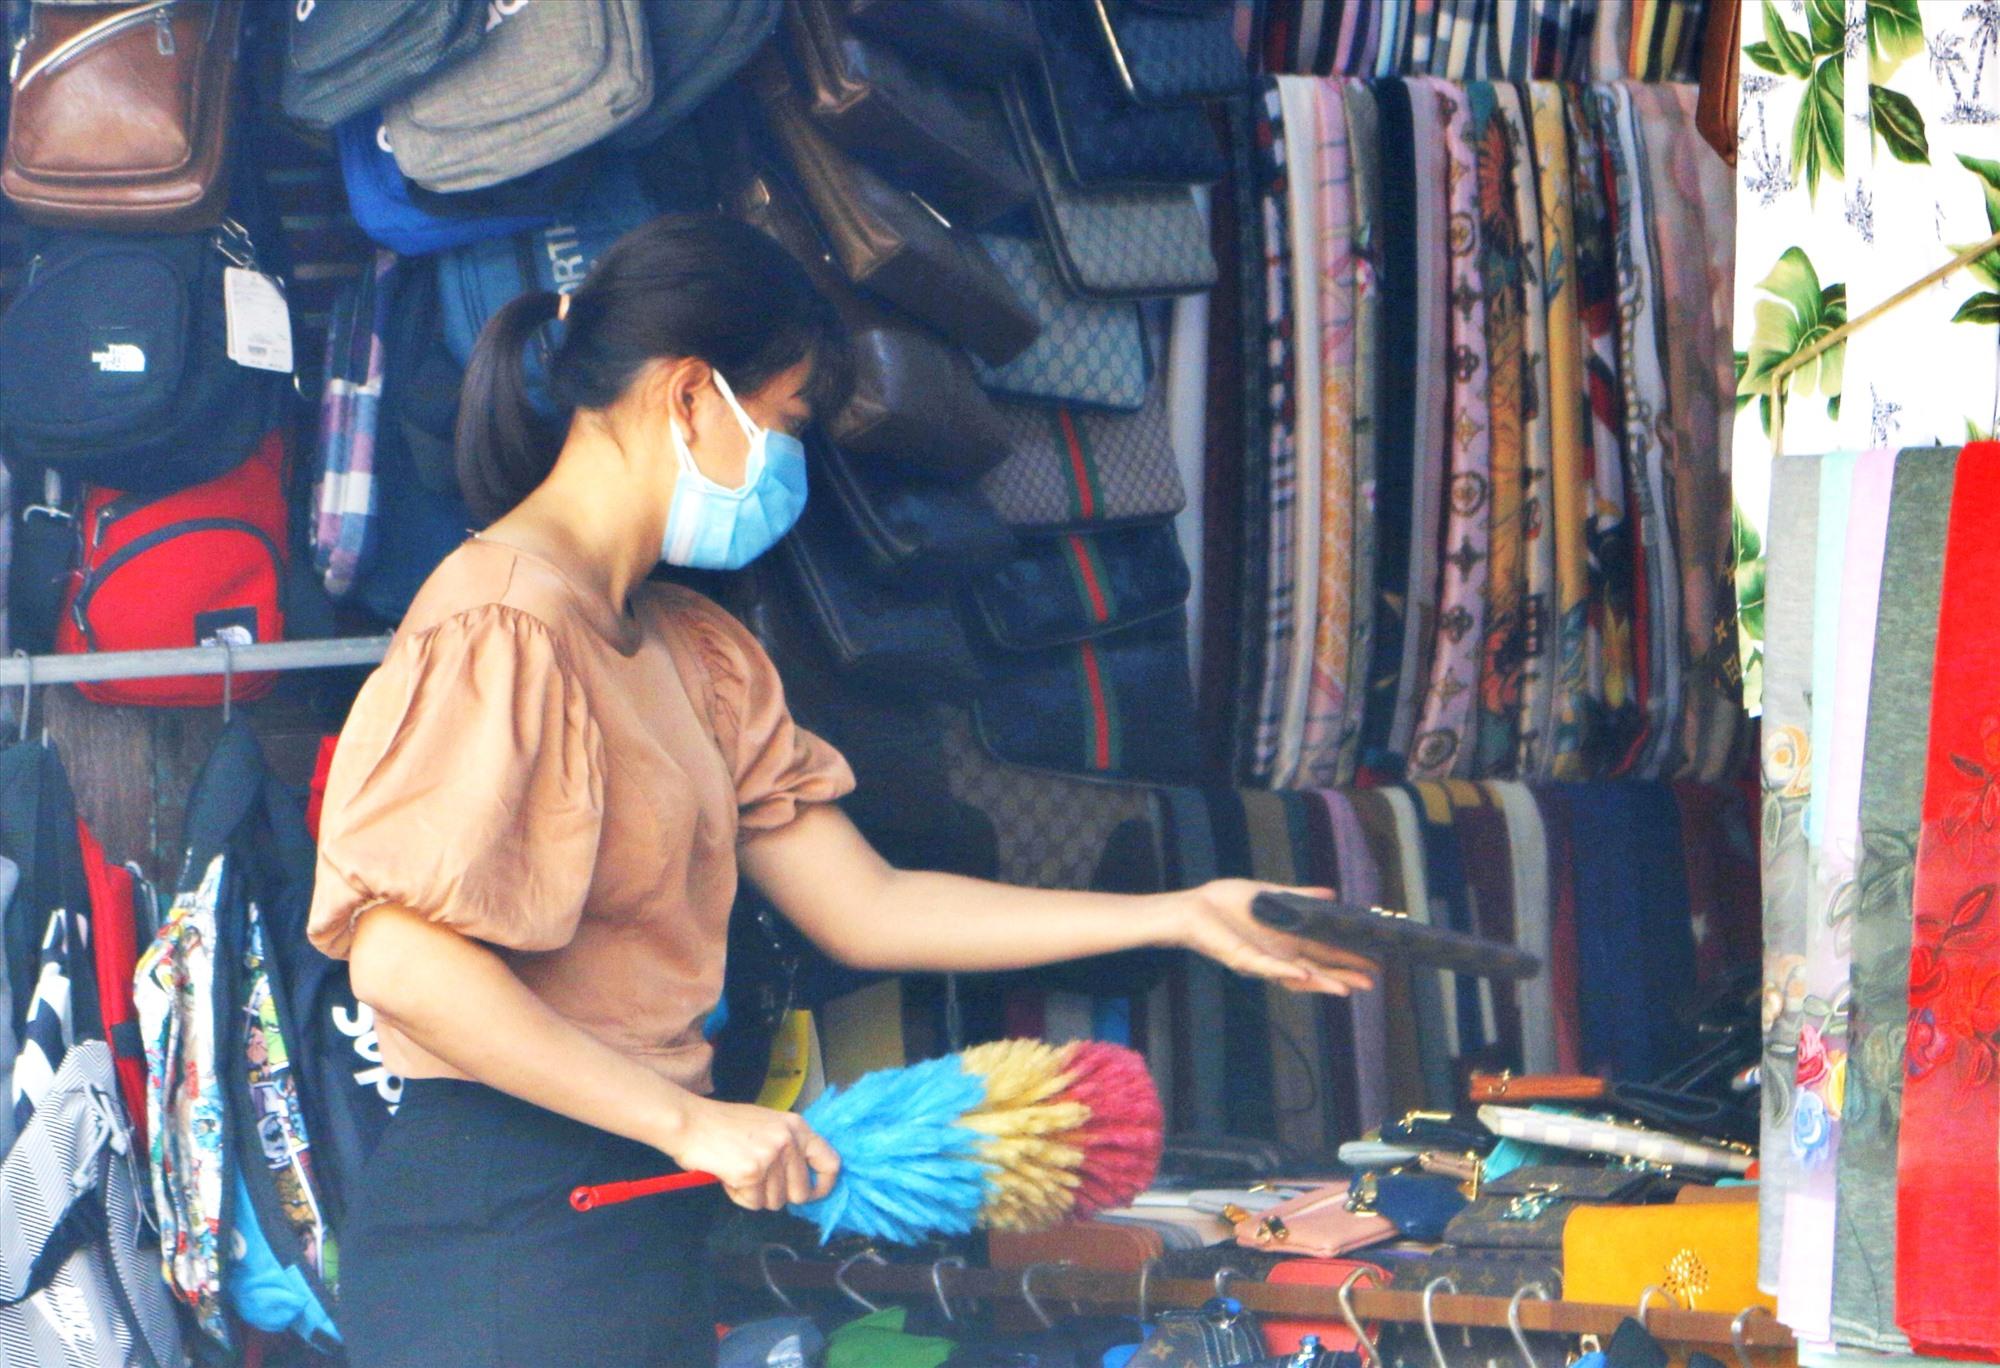 Việc đeo khẩu trang y tế, vệ sinh nhà cửa sạch sẽ, thường xuyên được khuyến cáo là một trong những cách để phòng chống bệnh corona. Ảnh: Đ.N